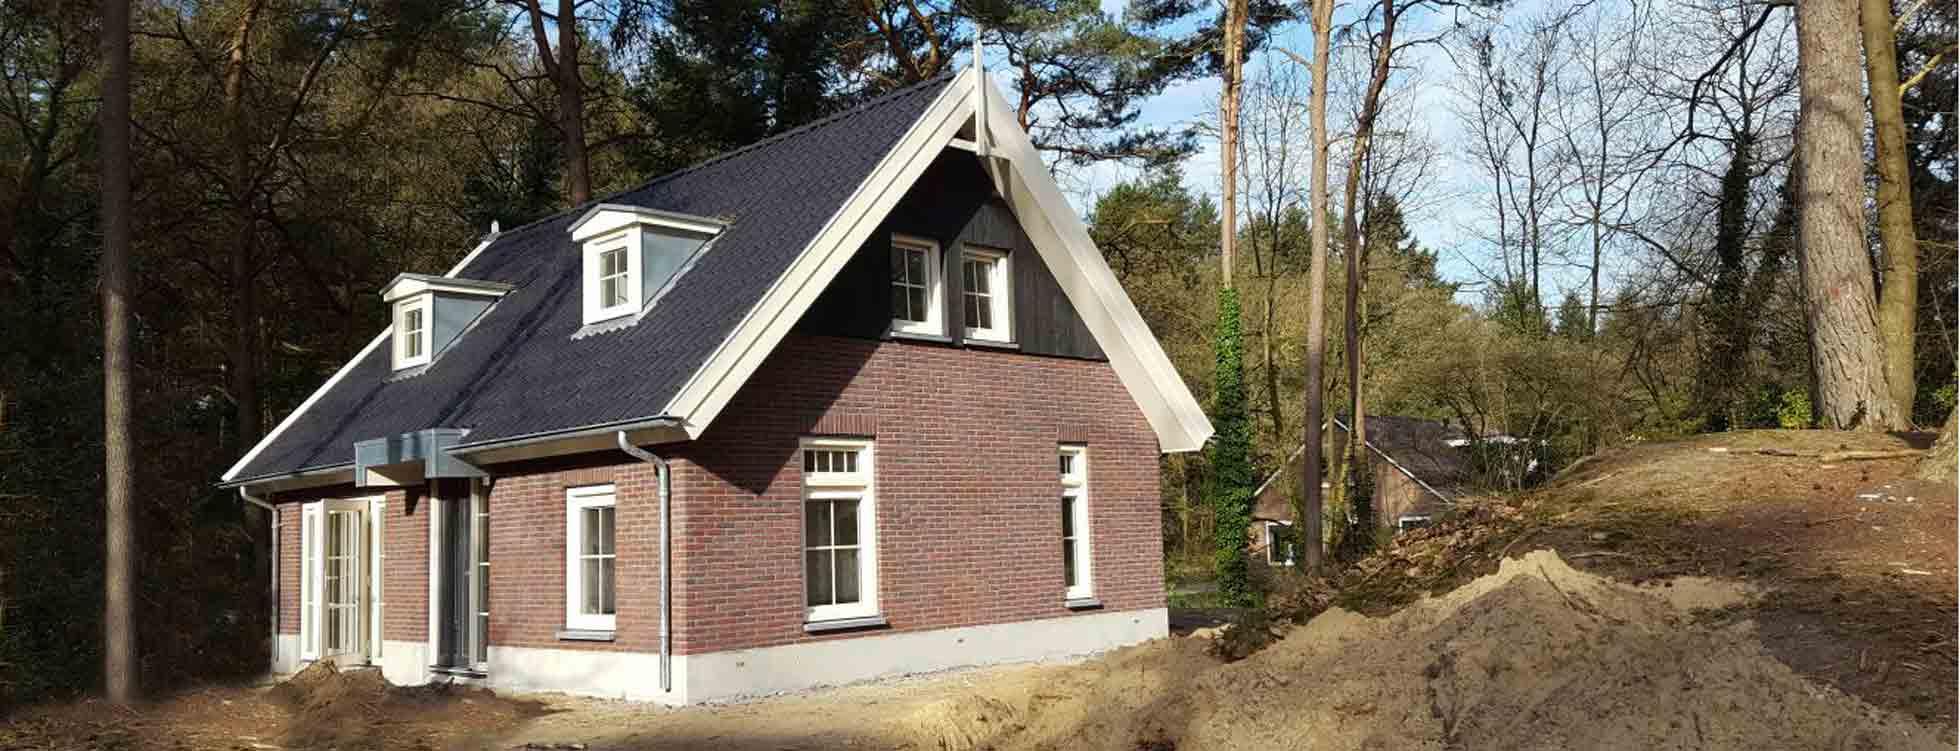 bouw vakantiehuis / recreatiewoning in Nunspeet door Aannemersbedrijf wielink